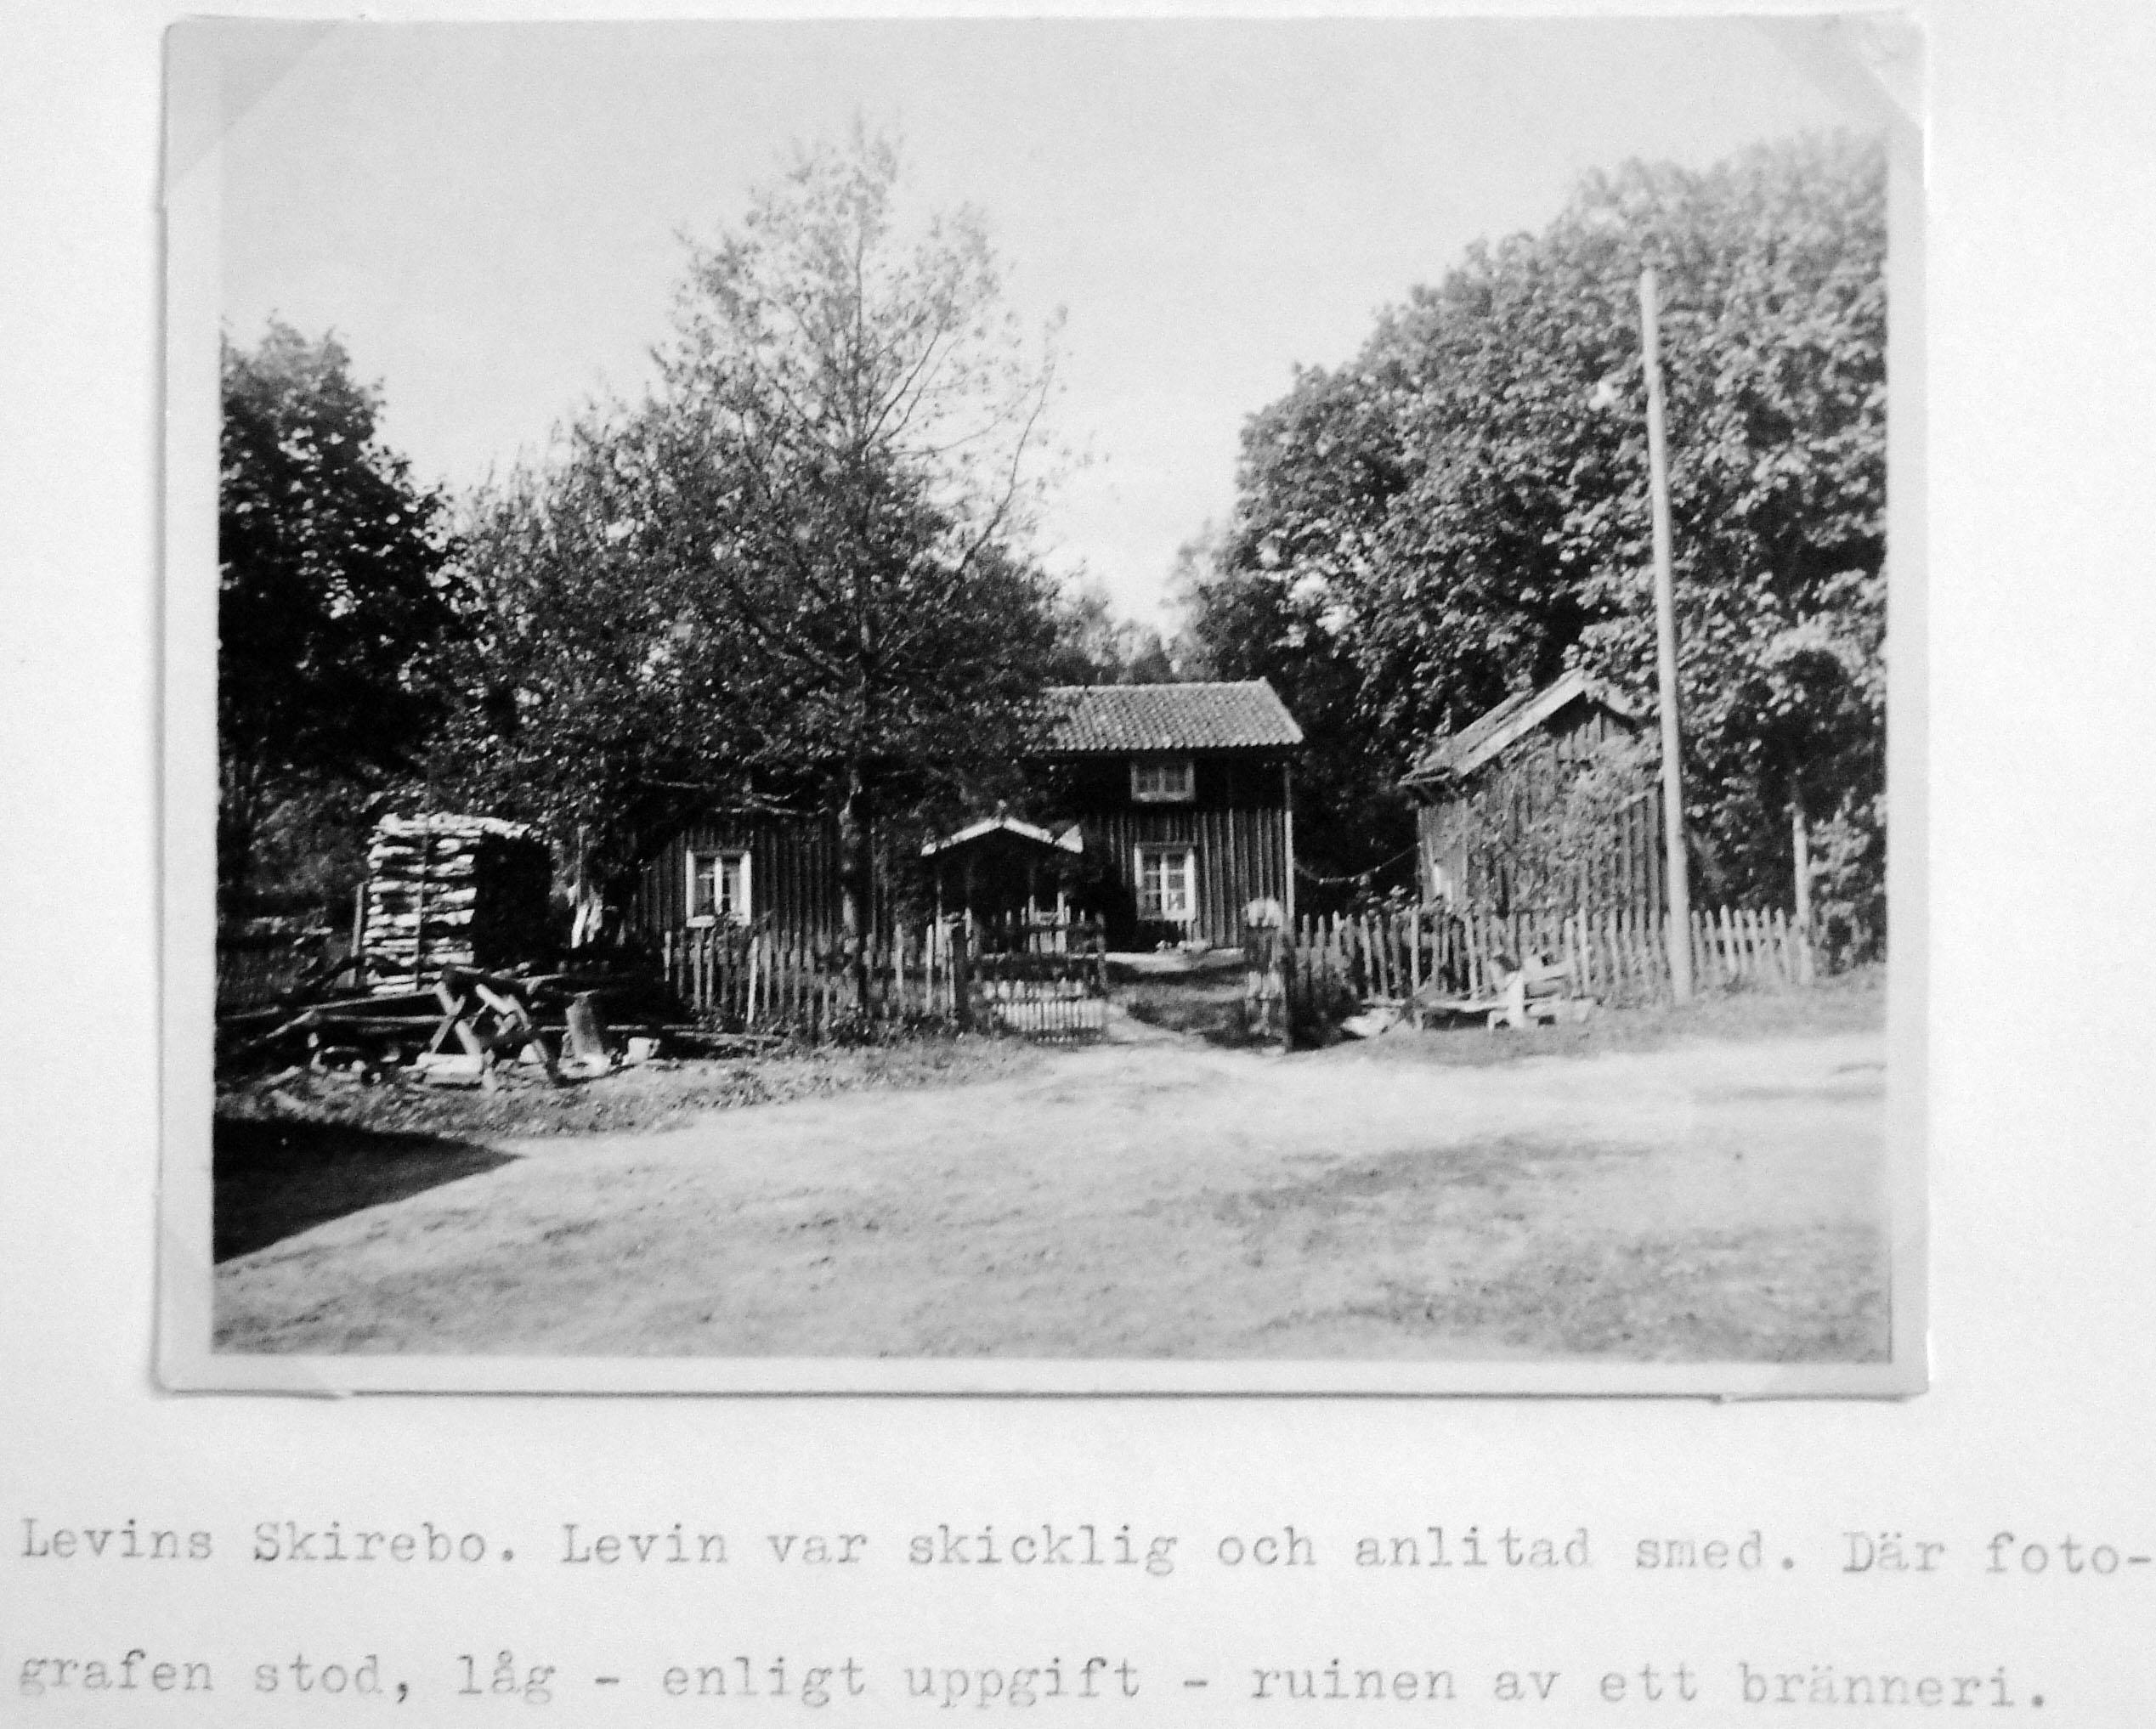 Levins i Skirebo